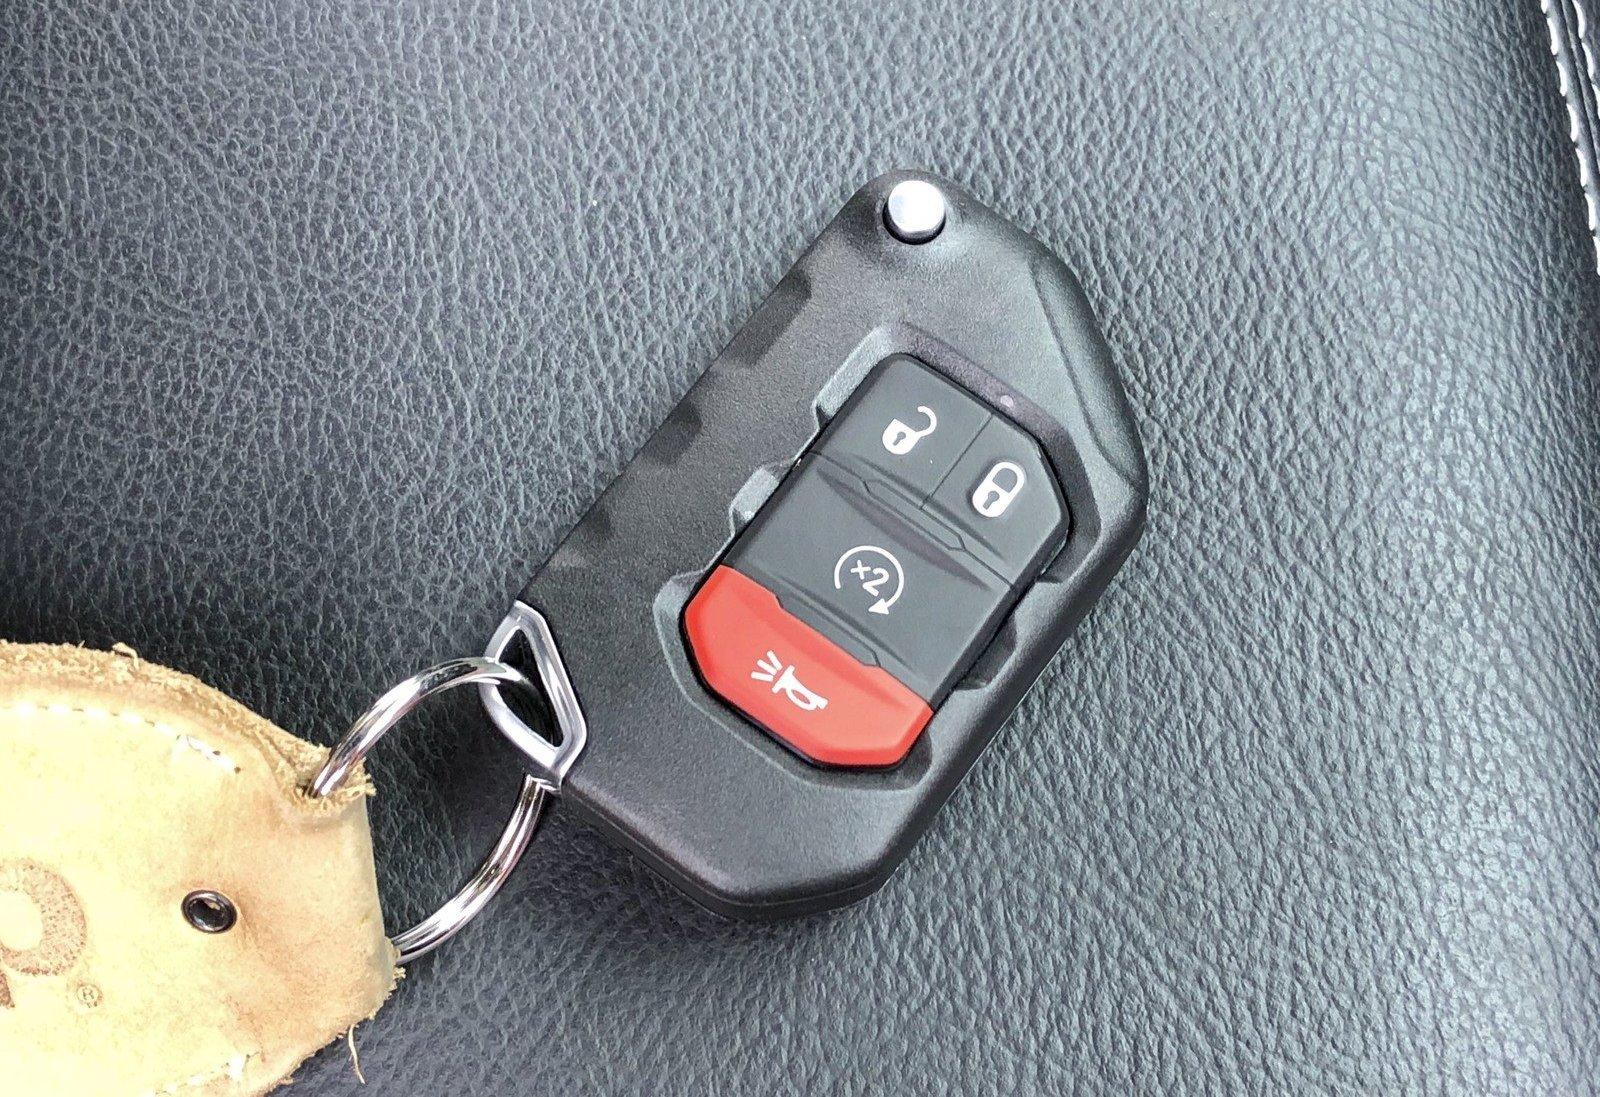 Jl Wrangler Key Fob Is Waterproof 2018 Jeep Wrangler